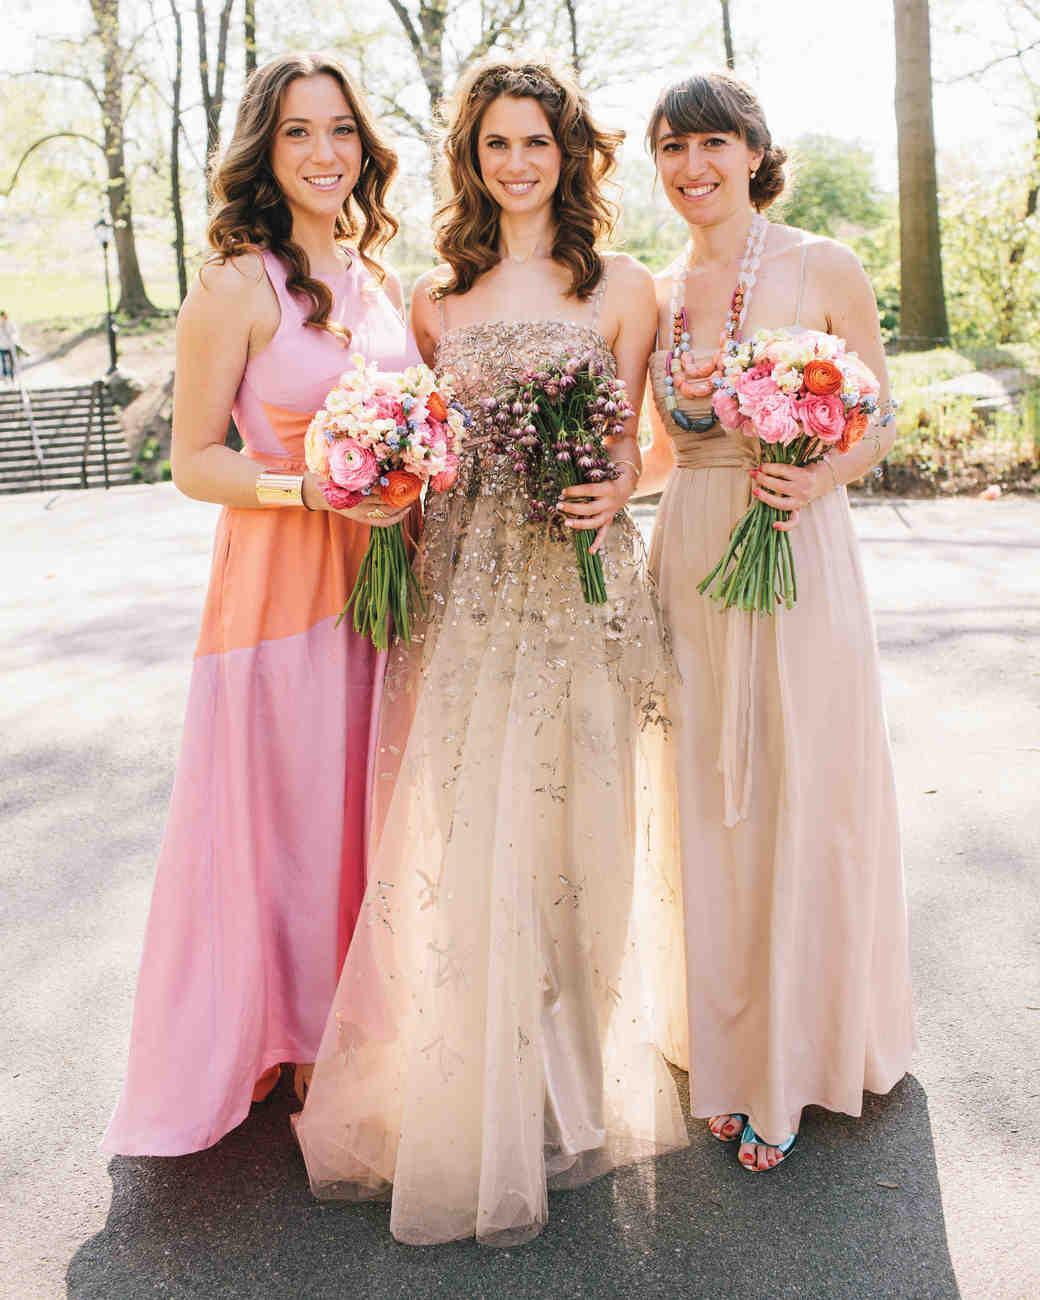 lisa-eric-sisters-228-mwds110657.jpg